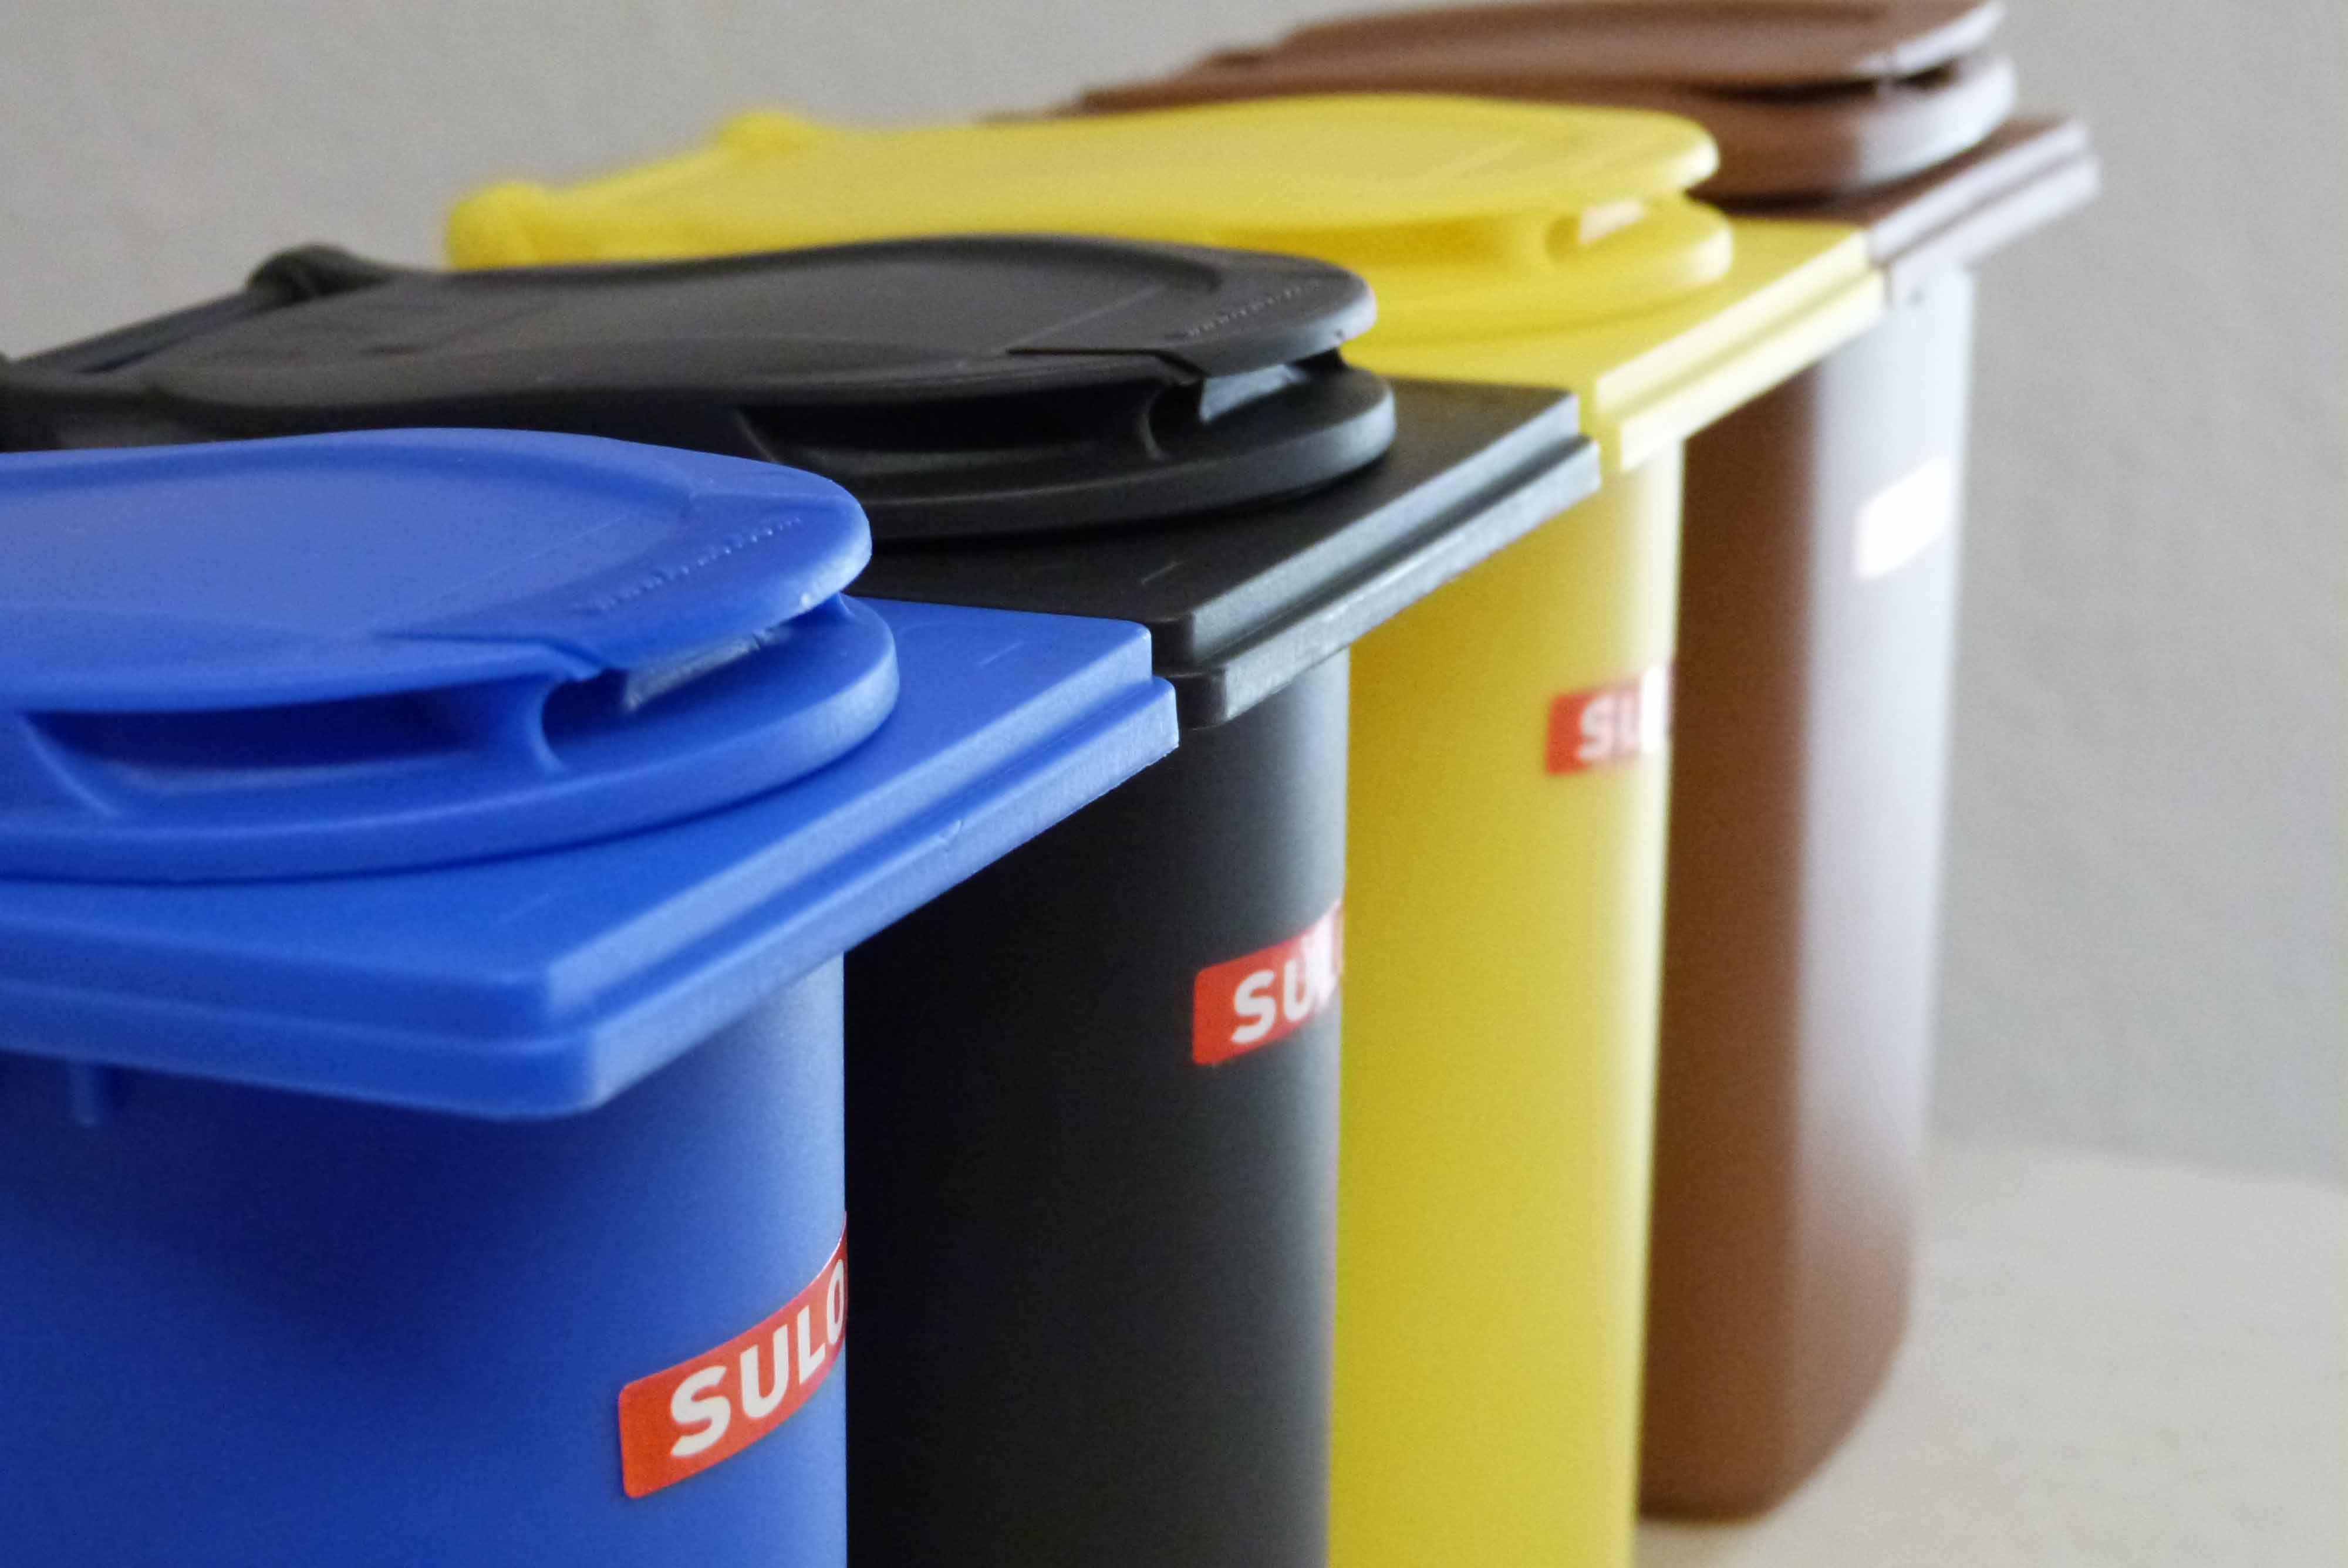 Symbolbild Müllabfallbehälter